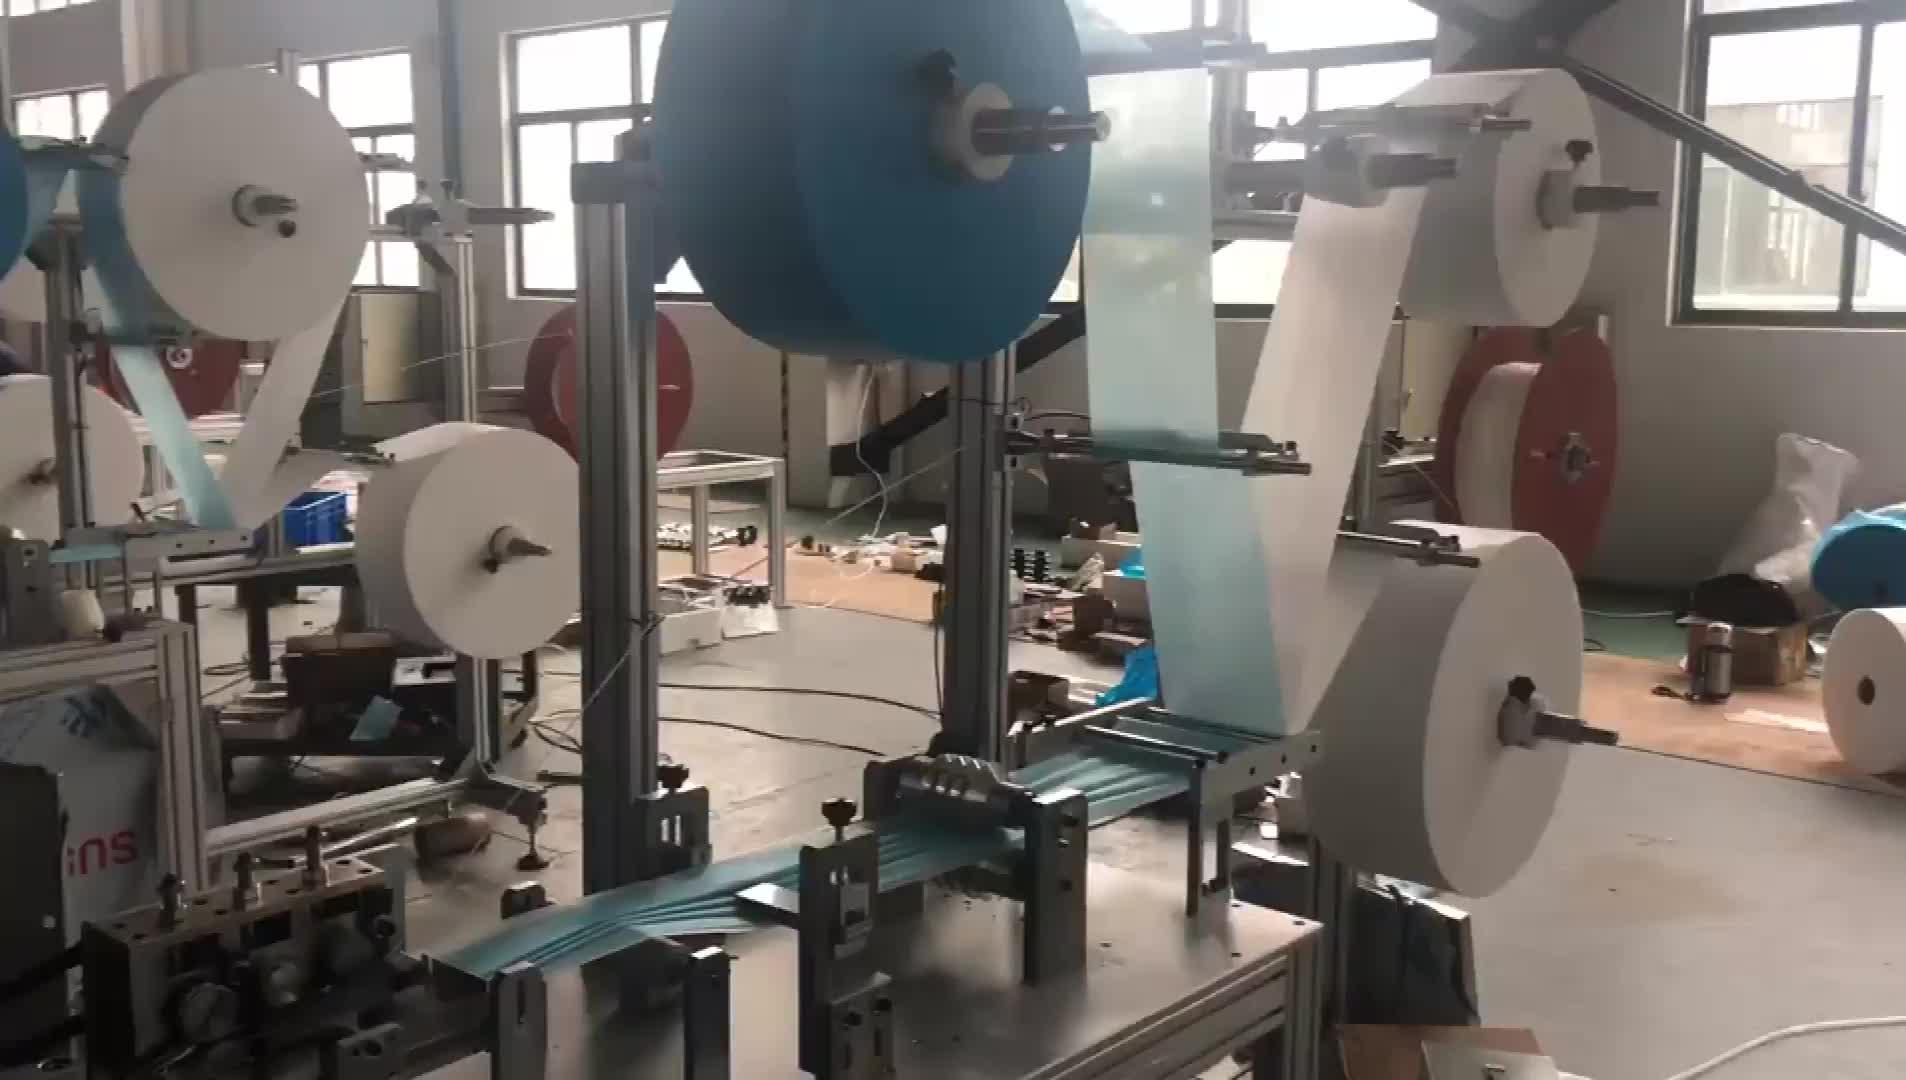 Haitel üç katmanlı tek kullanımlık cerrahi maske üretim hattı maskesi makinesi ile fabrika